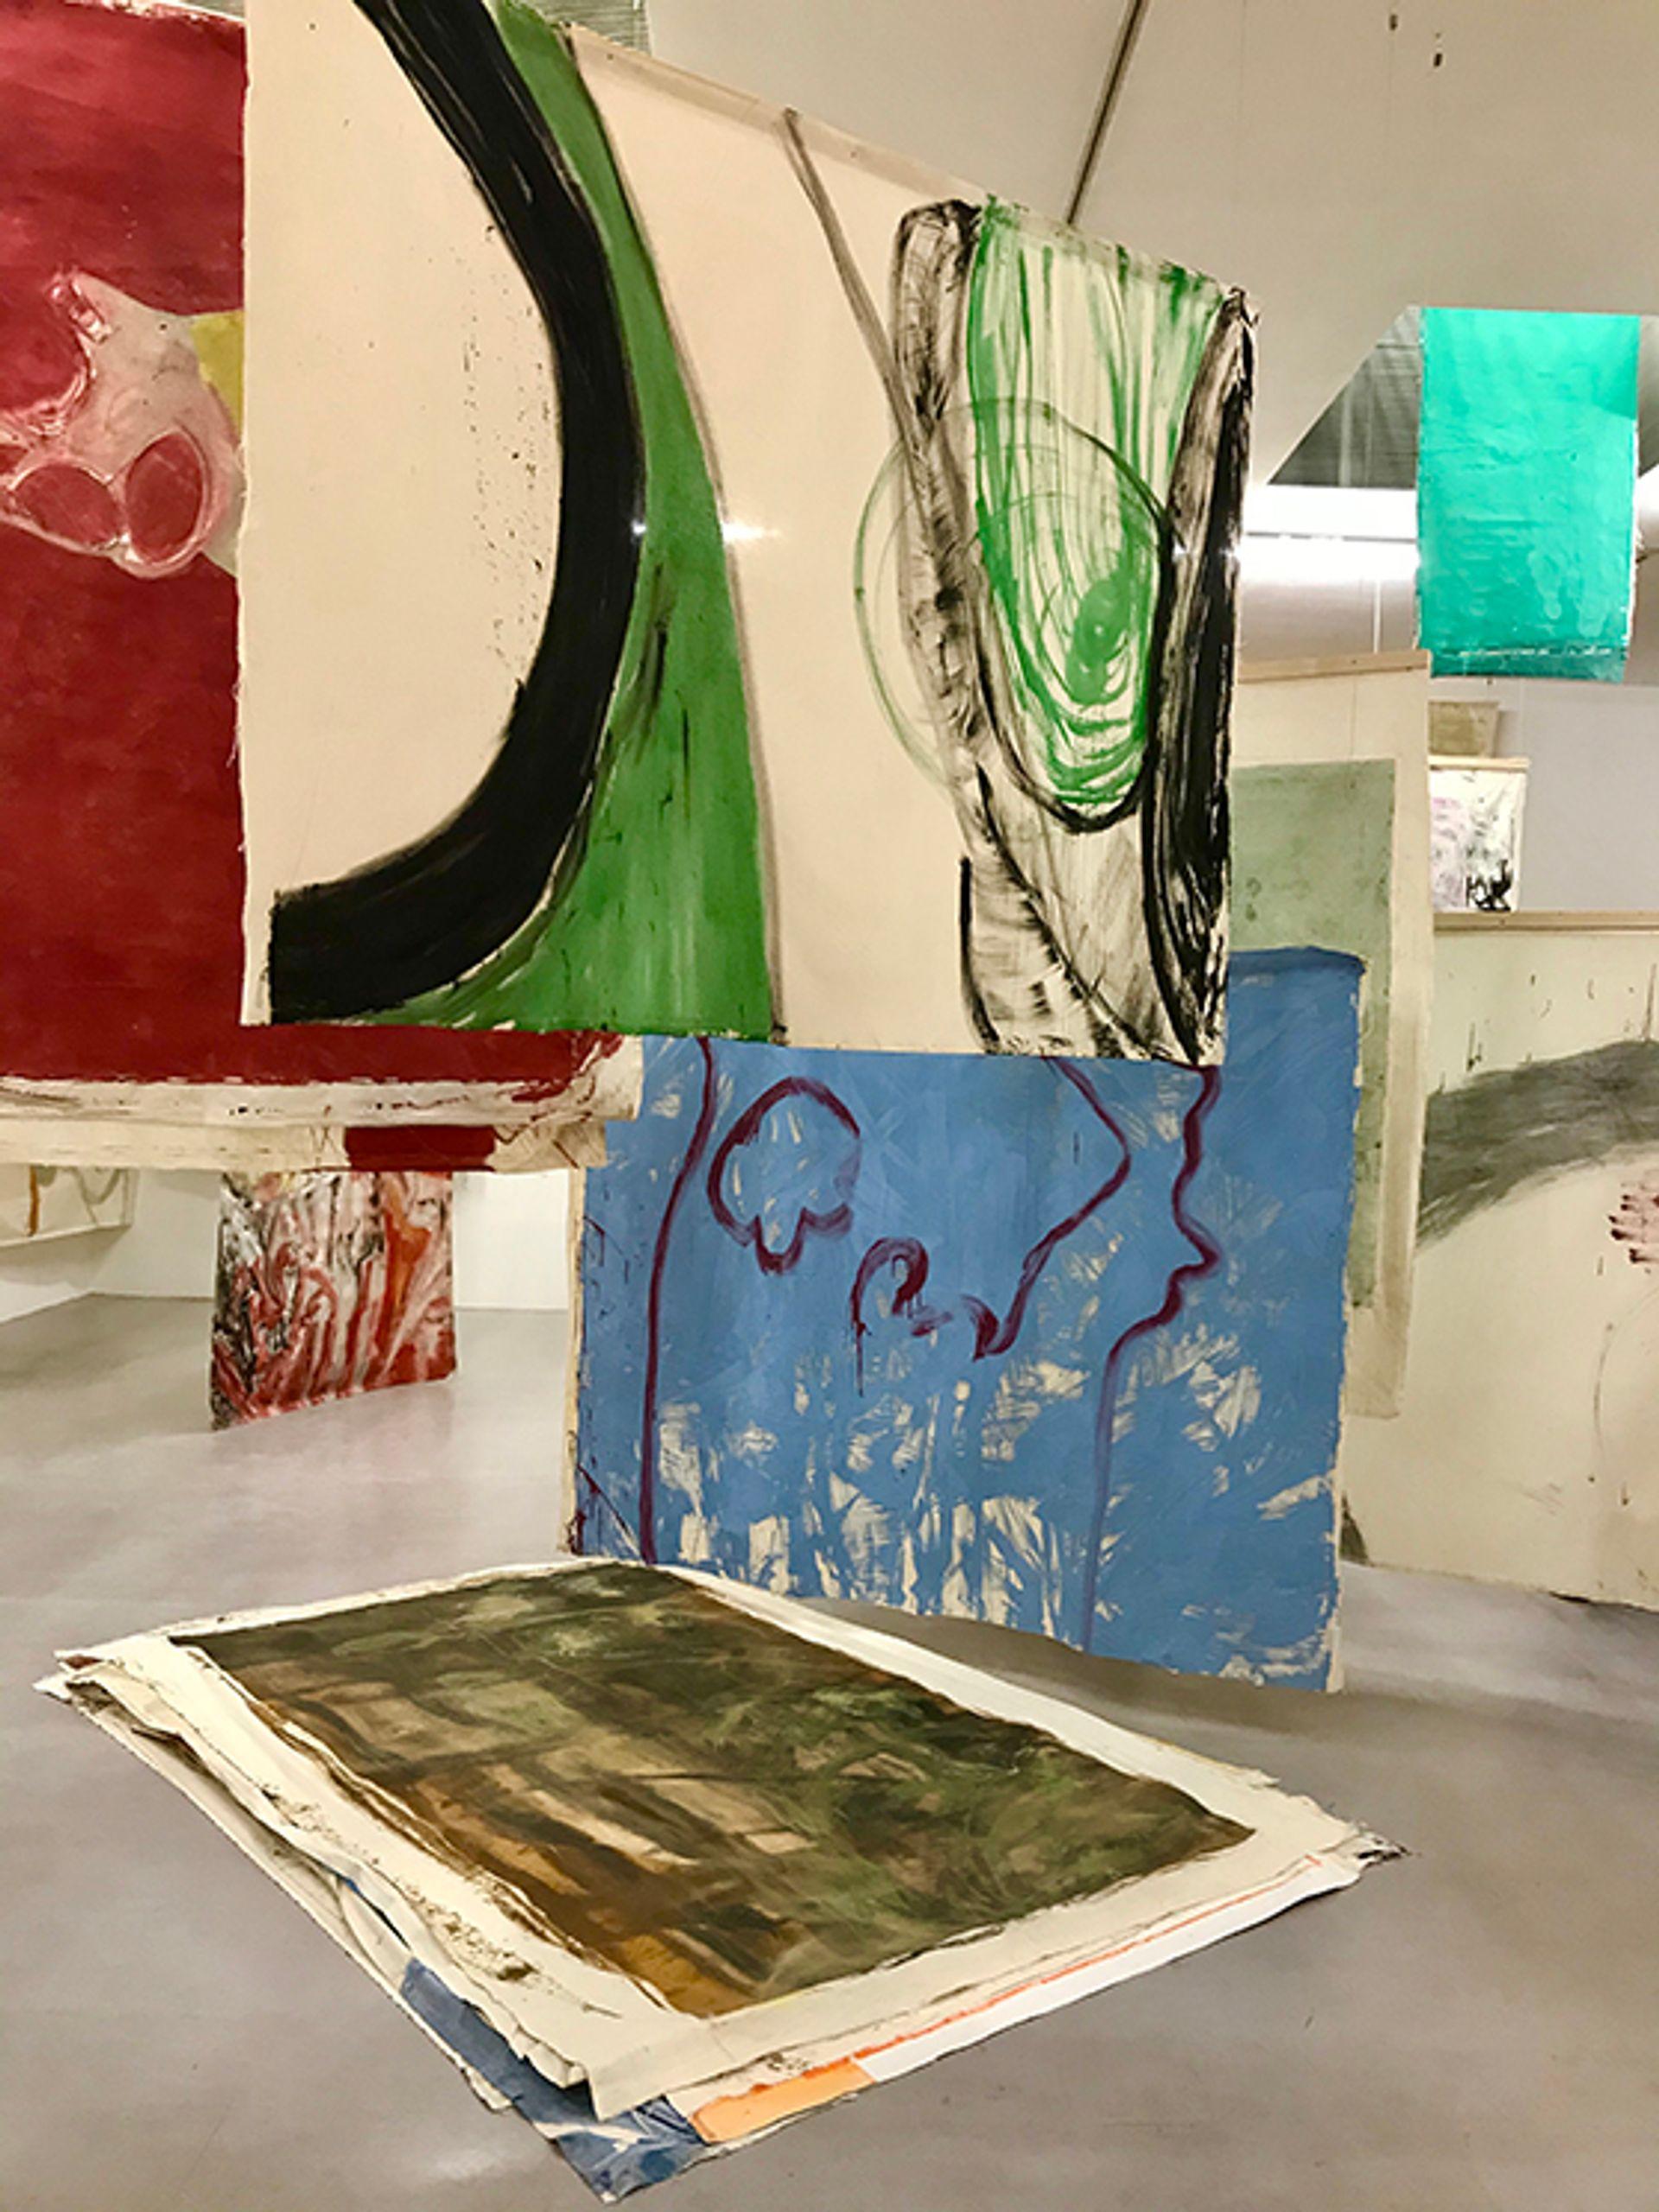 Installation view of Vivian Suter's exhibition at Camden Art Centre Courtesy of Louisa Buck